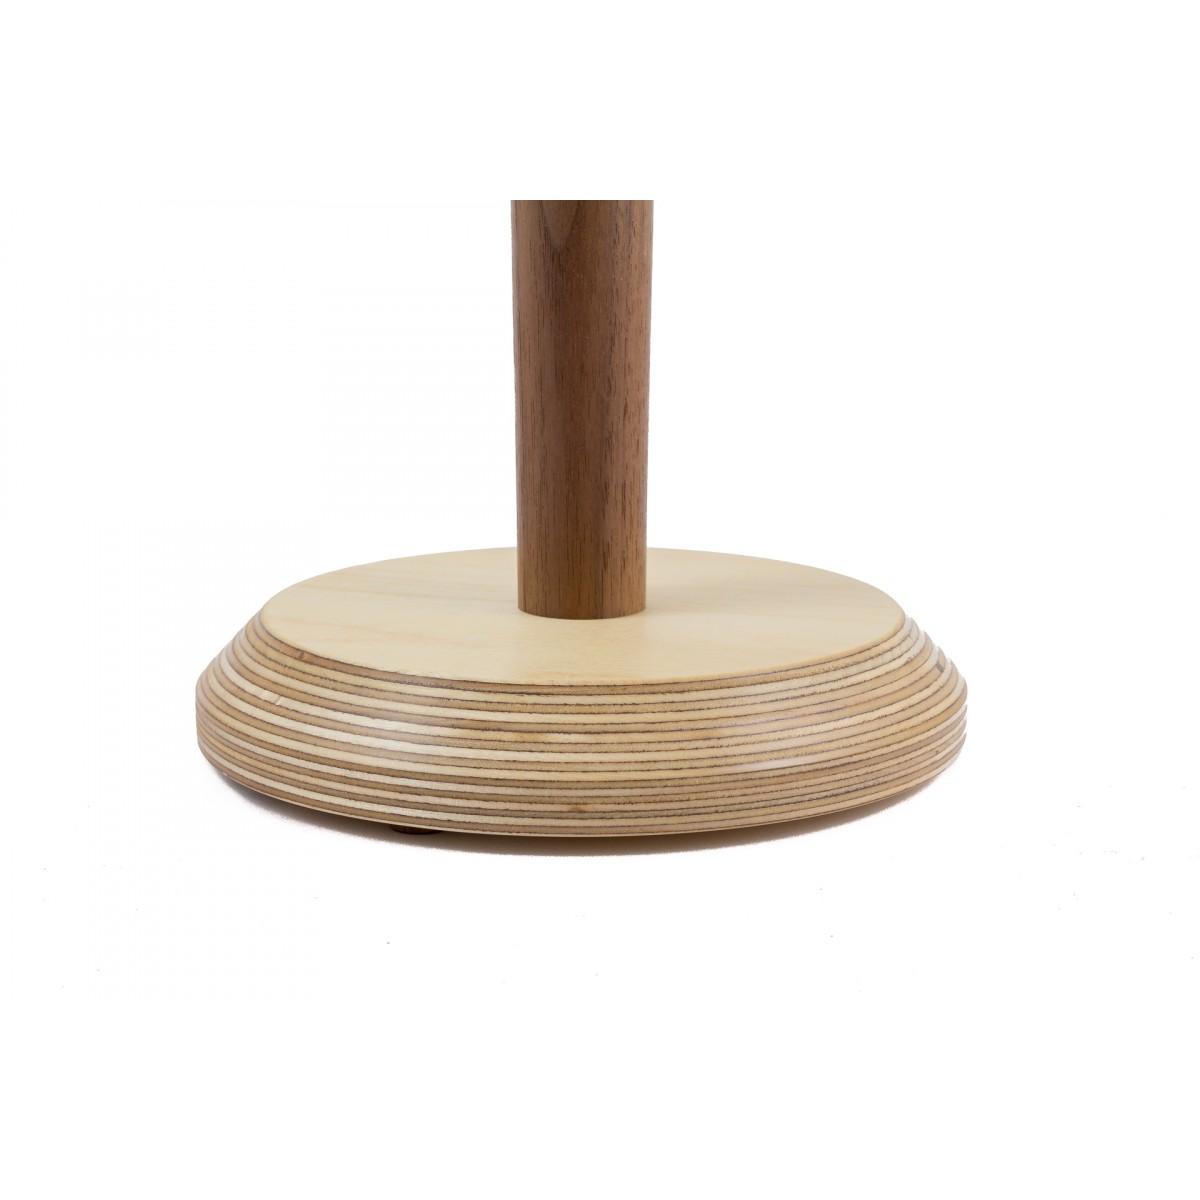 Küchenrollenhalter Nussbaum von Holzmanufaktur Matthias Reichel